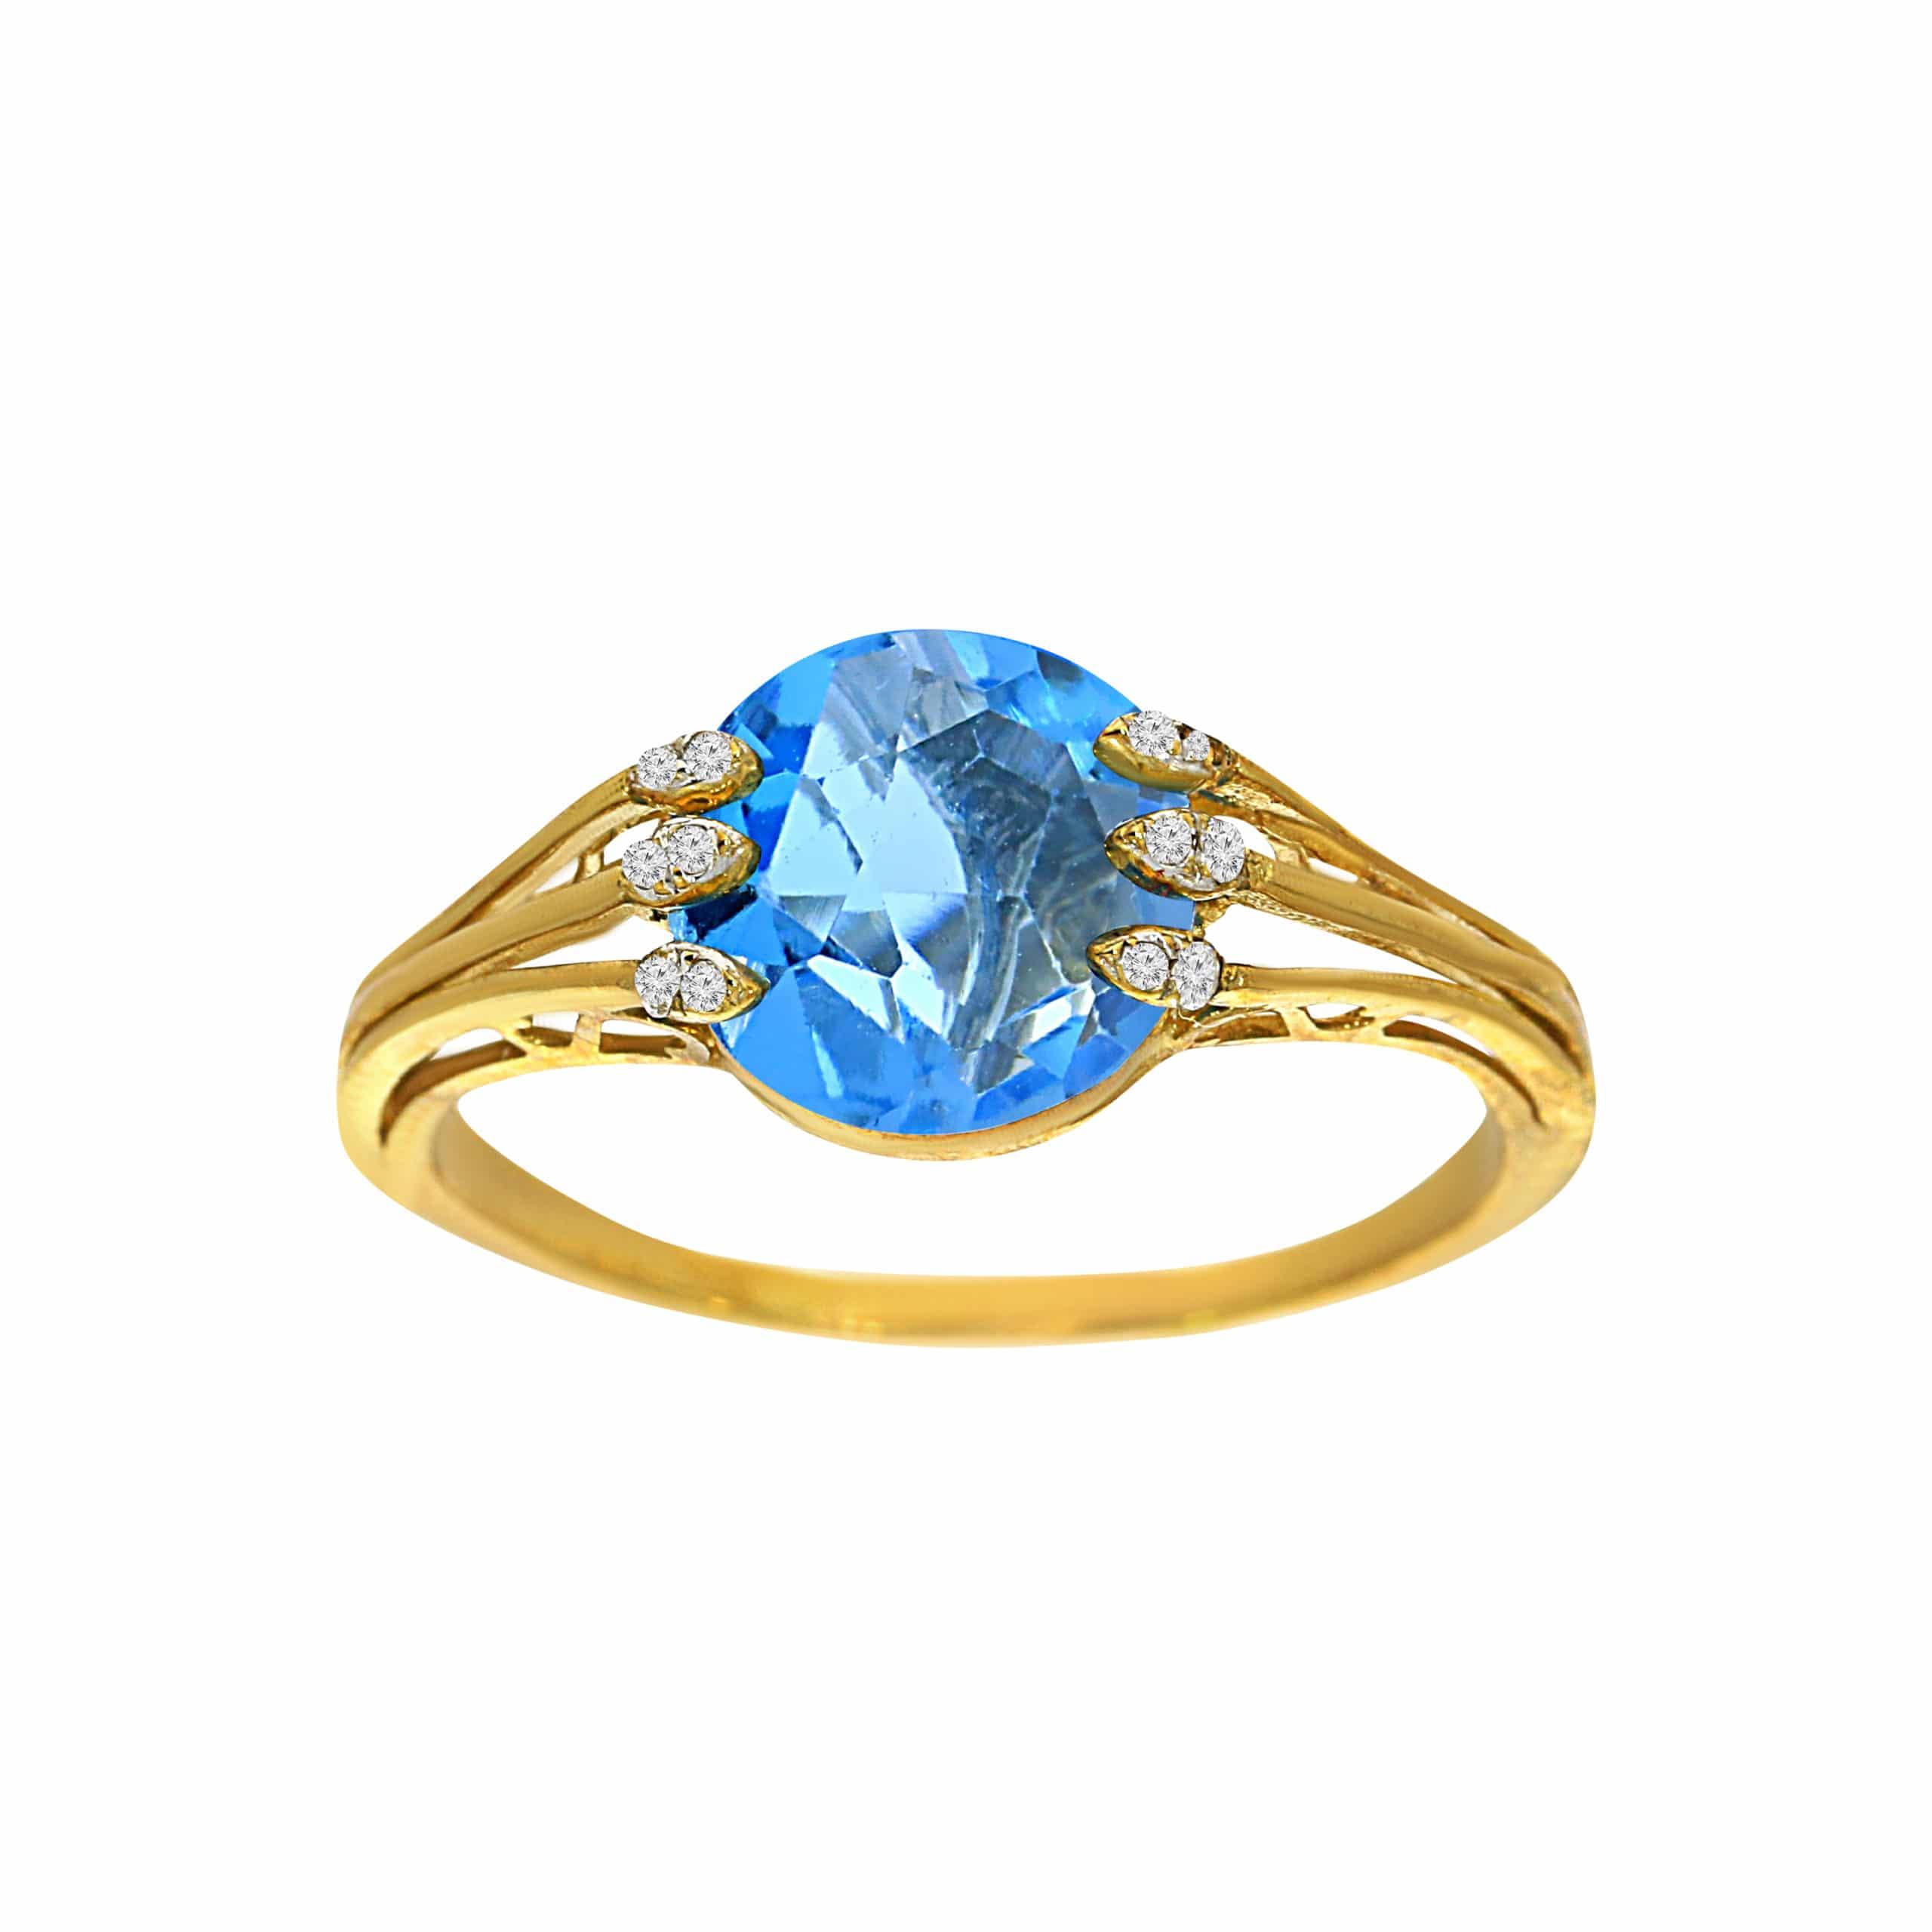 טבעת בלו טופז 1.45 קראט, זהב-צהוב 14 קראט, בשיבוץ 0.10 קראט יהלומים